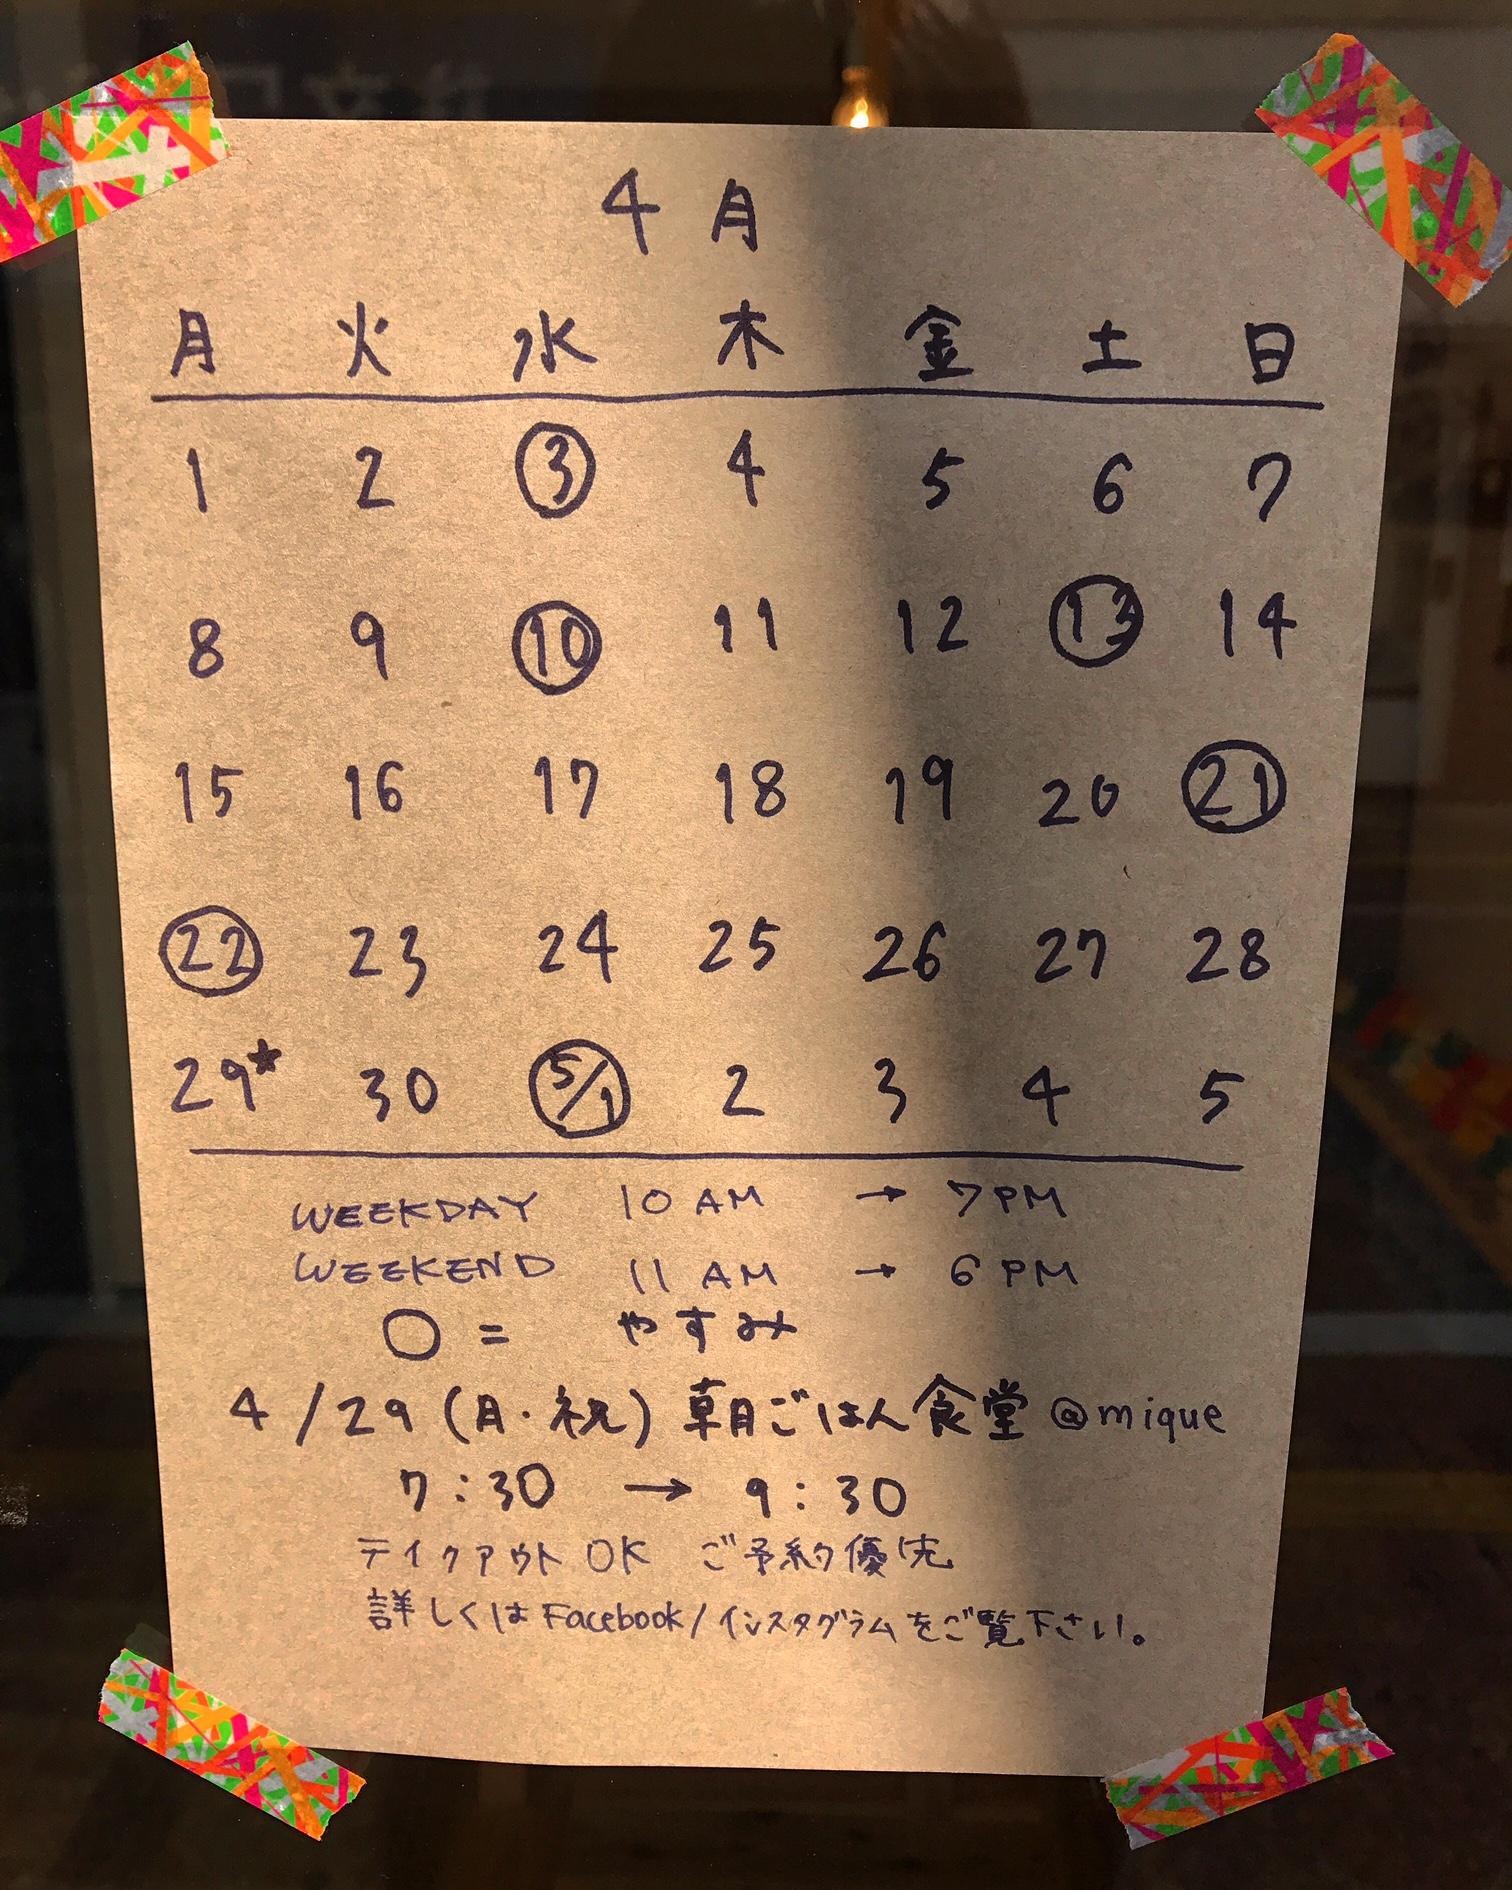 【2019年4月】松陰神社前店 営業カレンダー